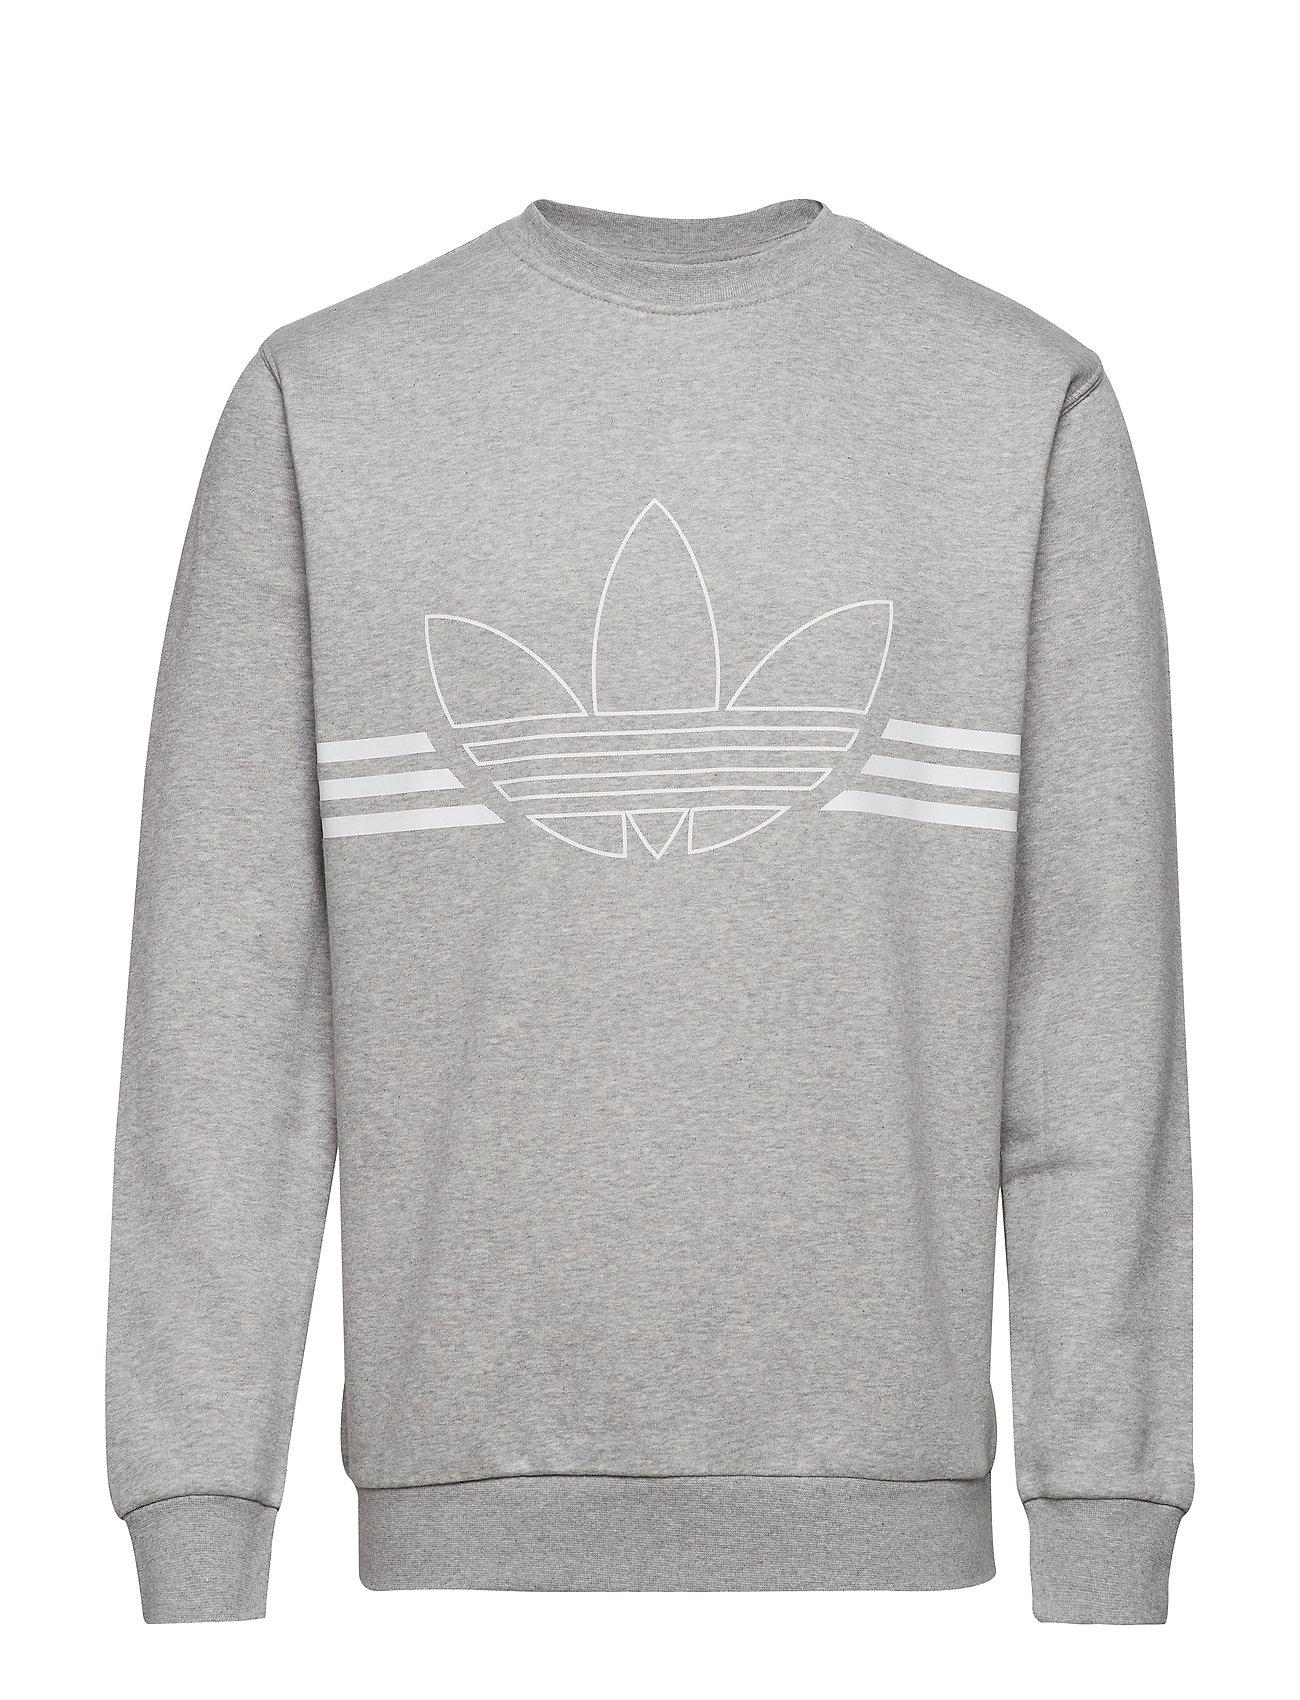 adidas Originals OUTLINE CRW FLC - MGREYH